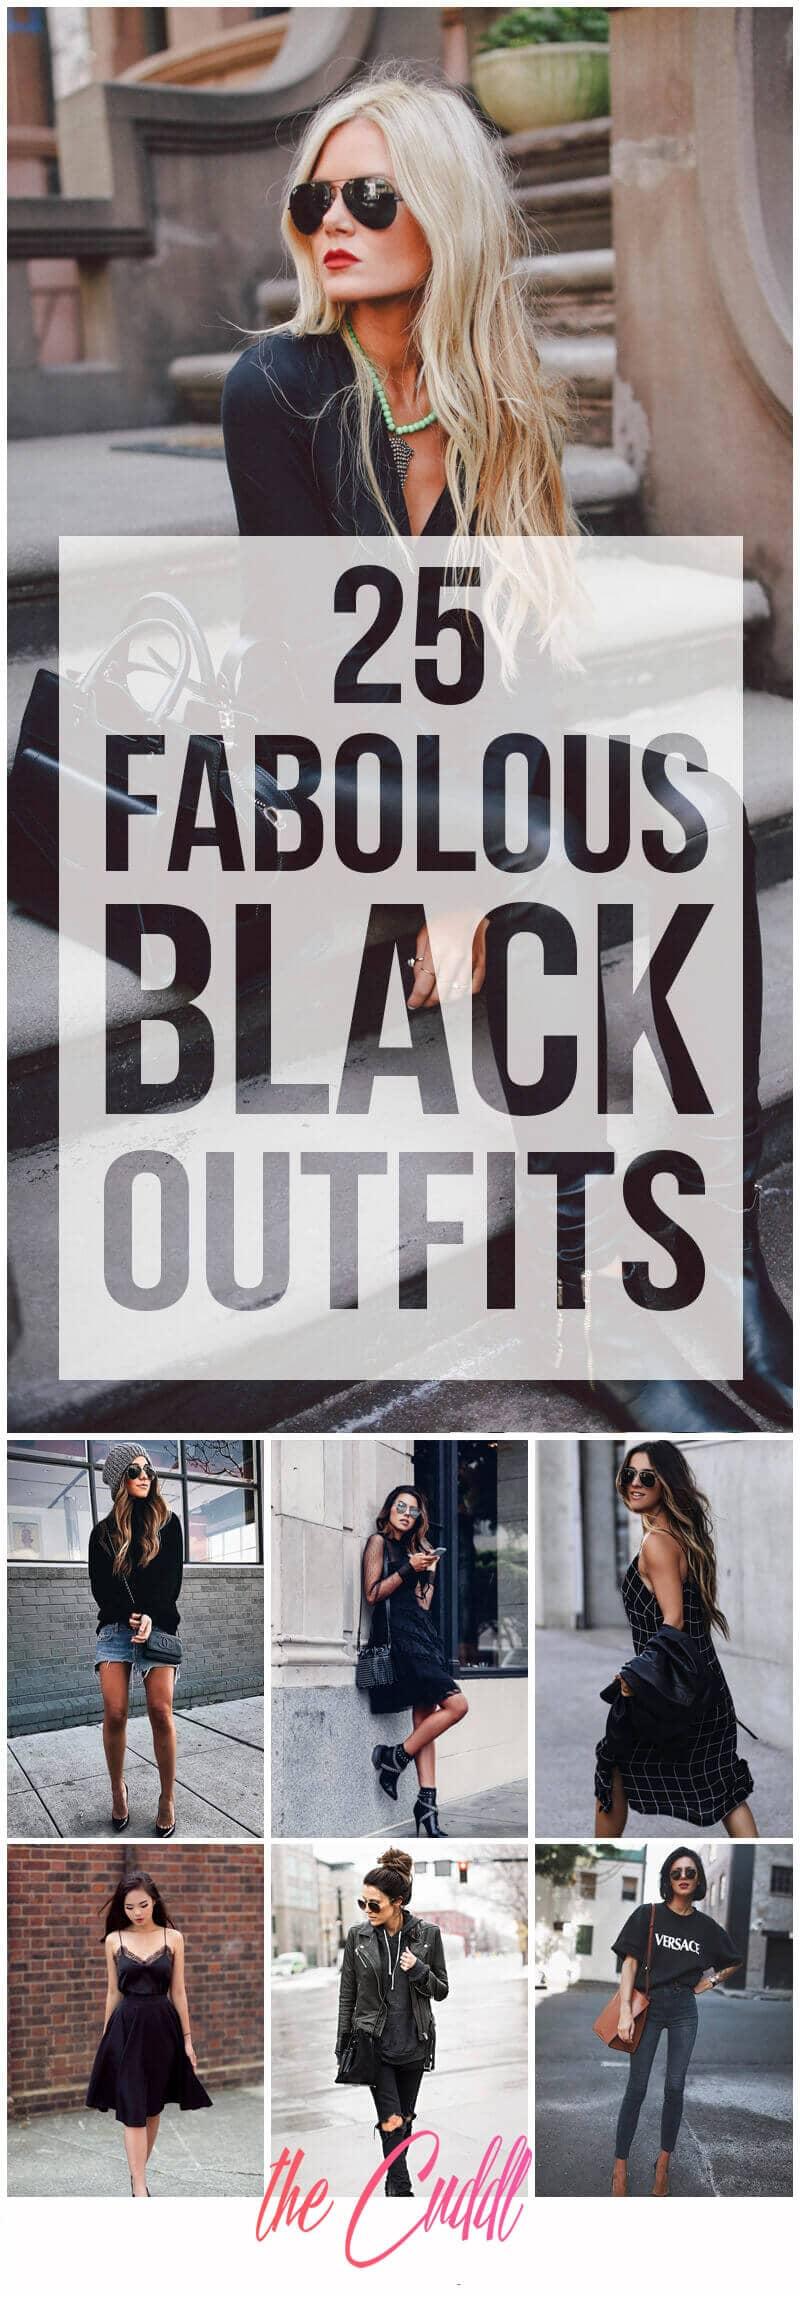 25 Fabolous Black Outfits